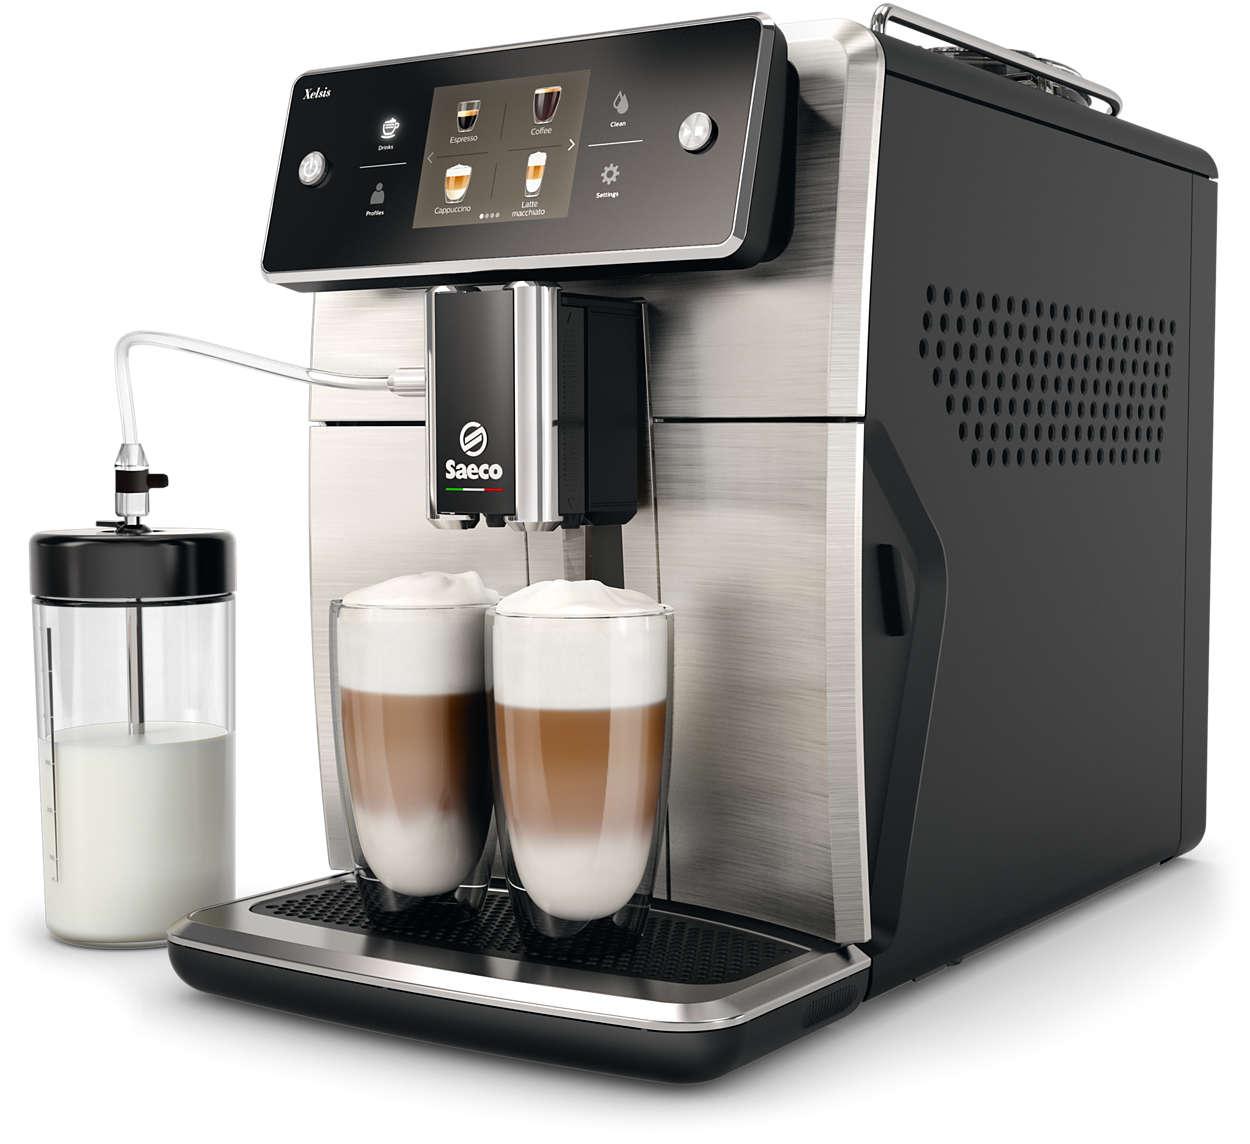 Hõrk kohv, mida on lihtne täpselt teie maitse järgi valmistada